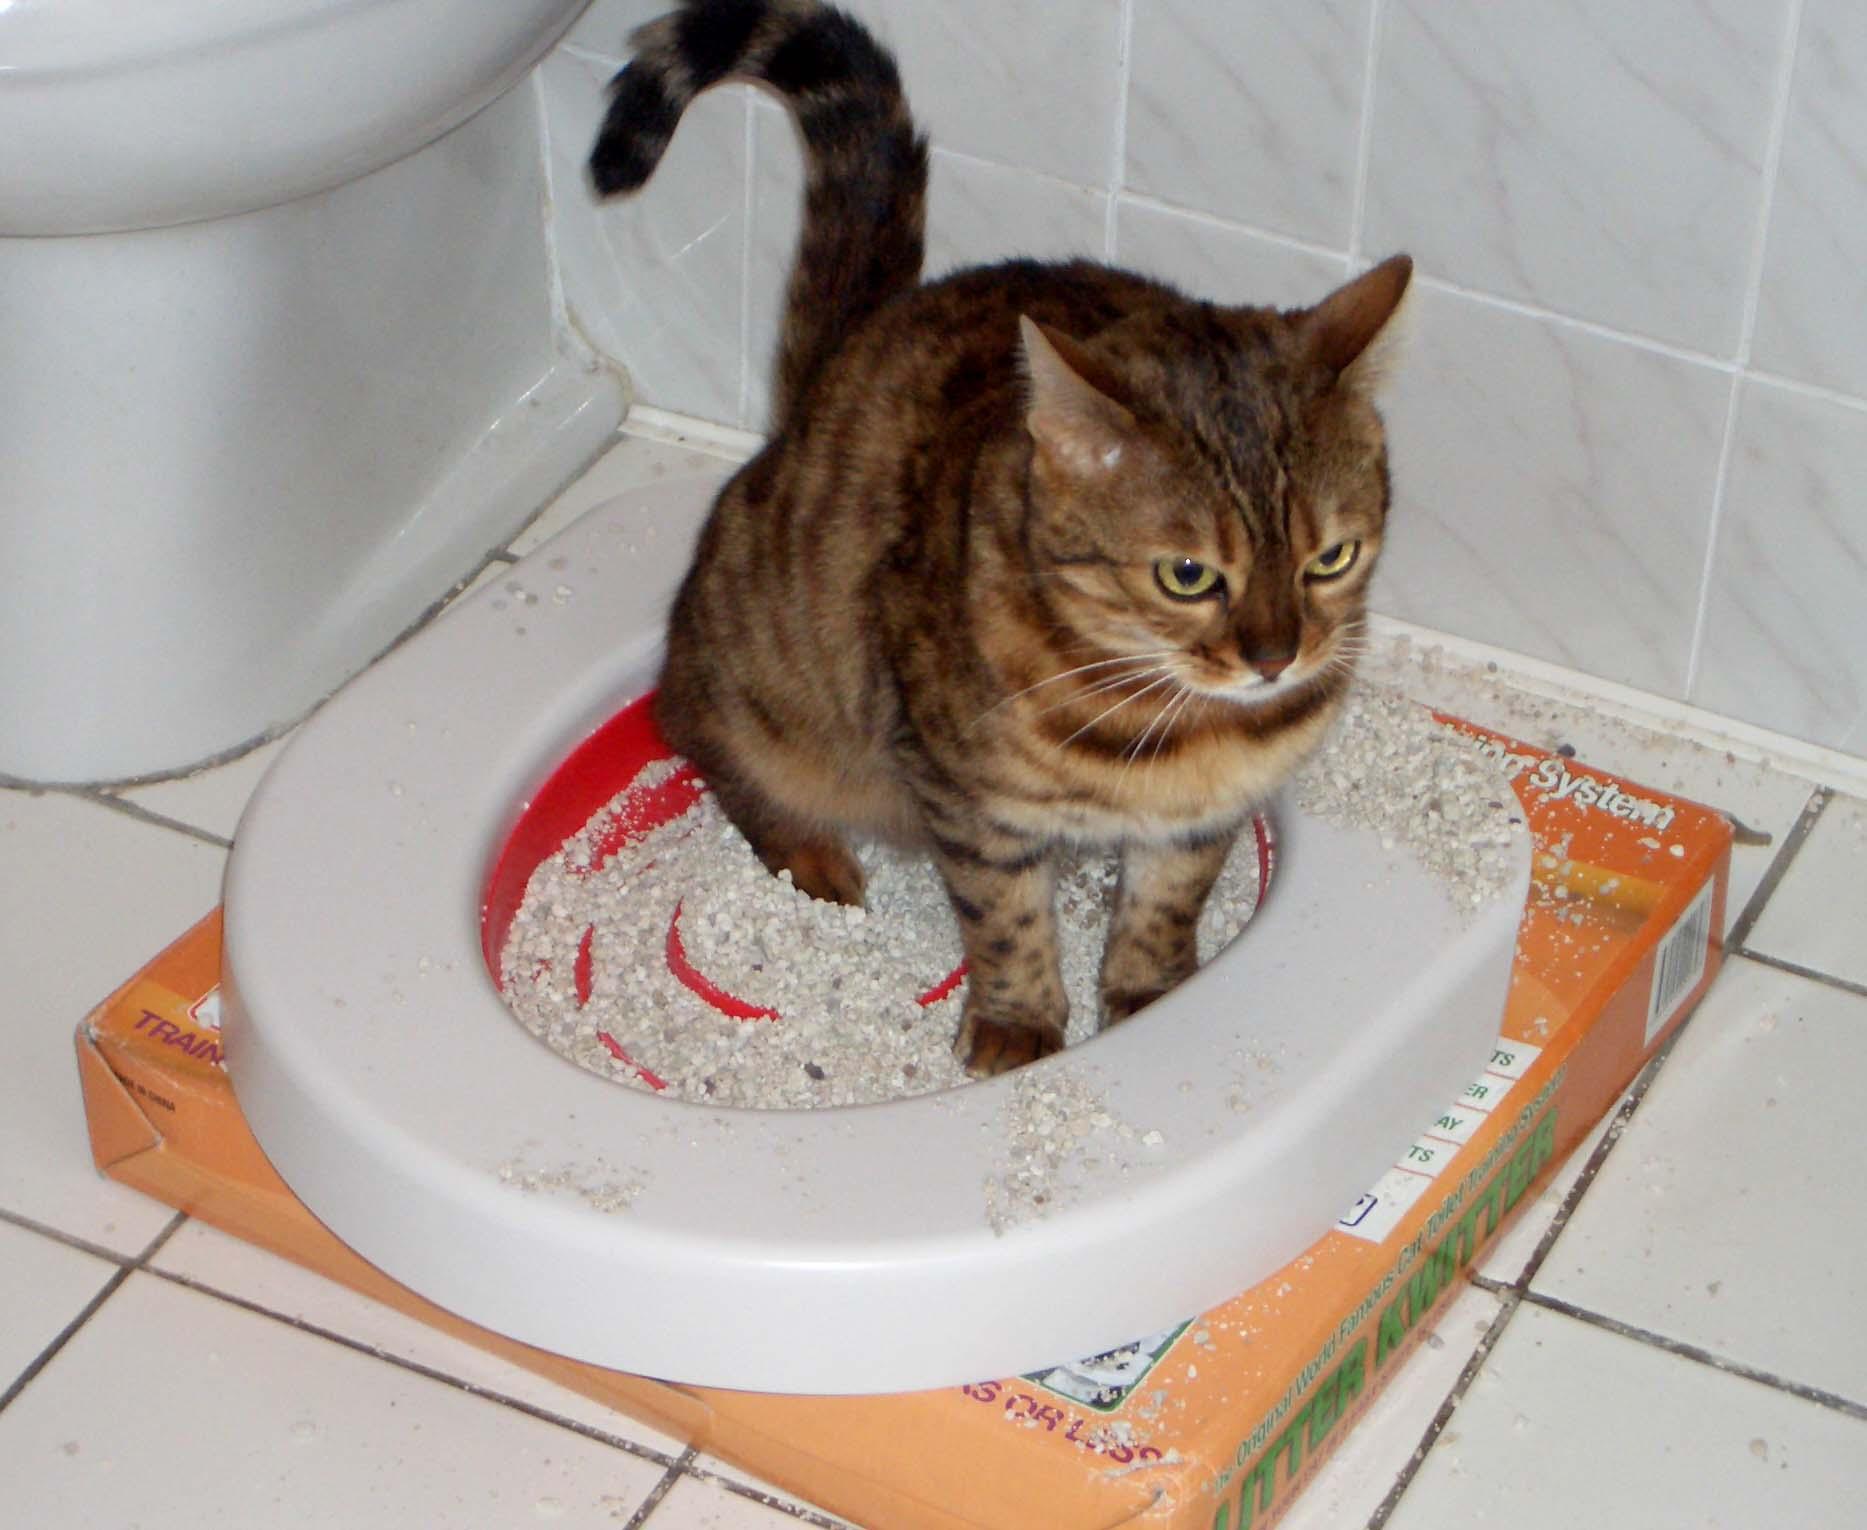 На фото видно, что лоток подобран неверно: 1) животное должно свободно поворачиваться в нем; 2) высокие бортики не дадут наполнителю высыпаться за пределы емкости.